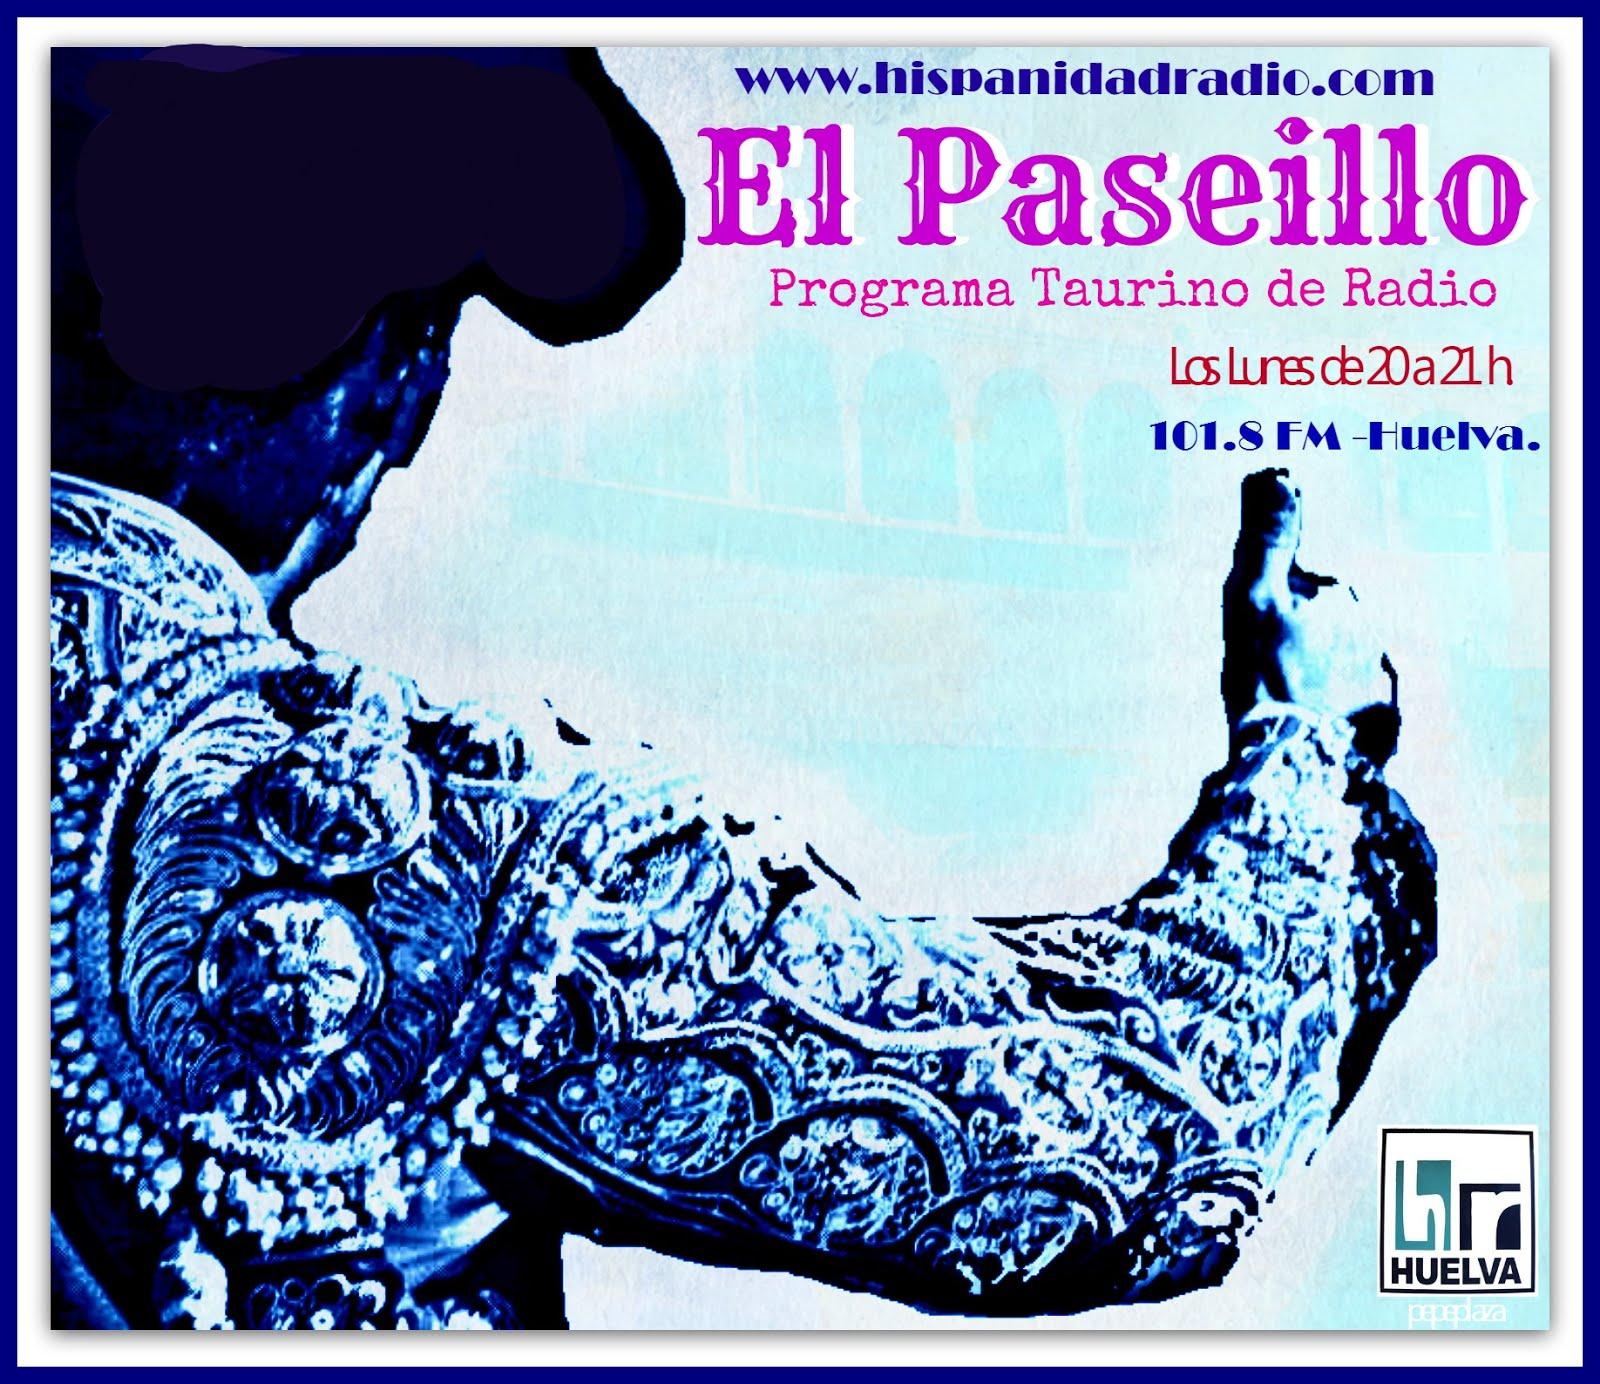 hispanidad radio